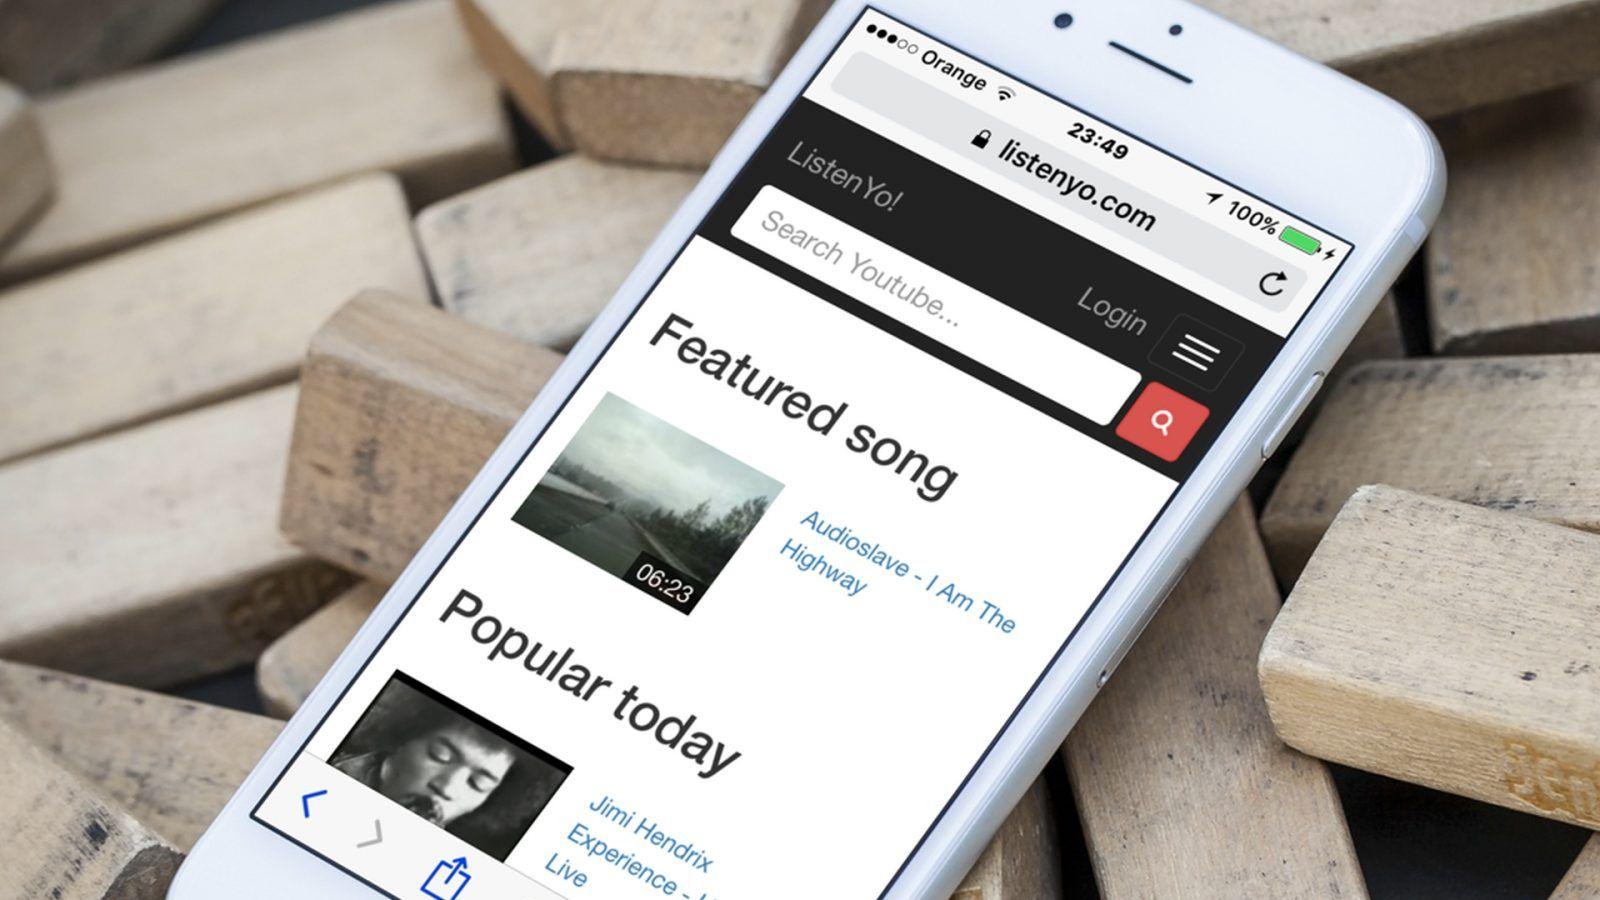 Jak słuchać YouTube z wyłączonym ekranem smartfona?